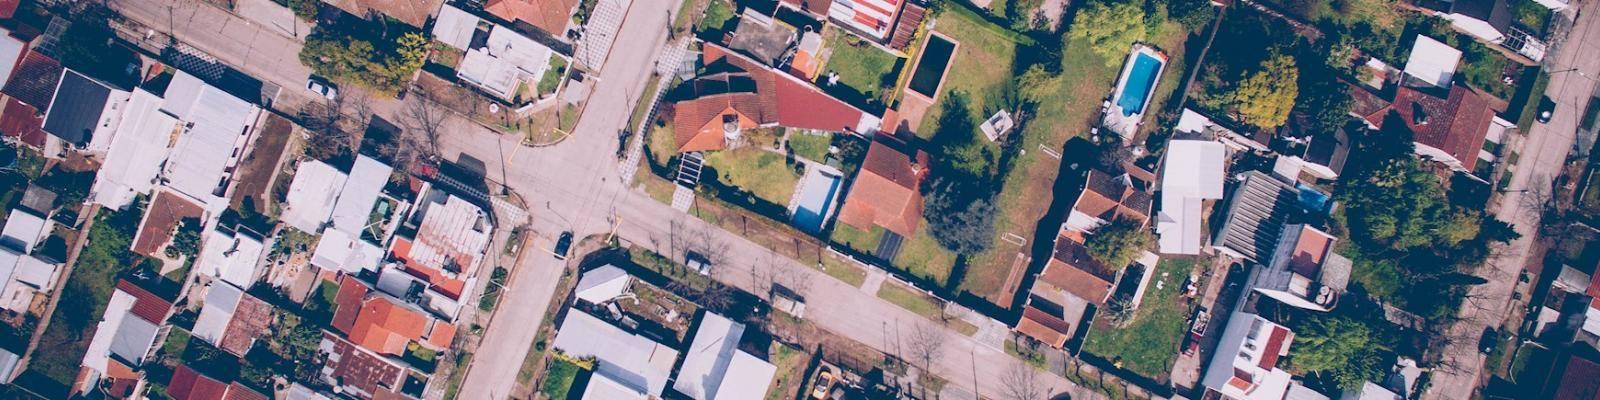 Luchtfoto straten